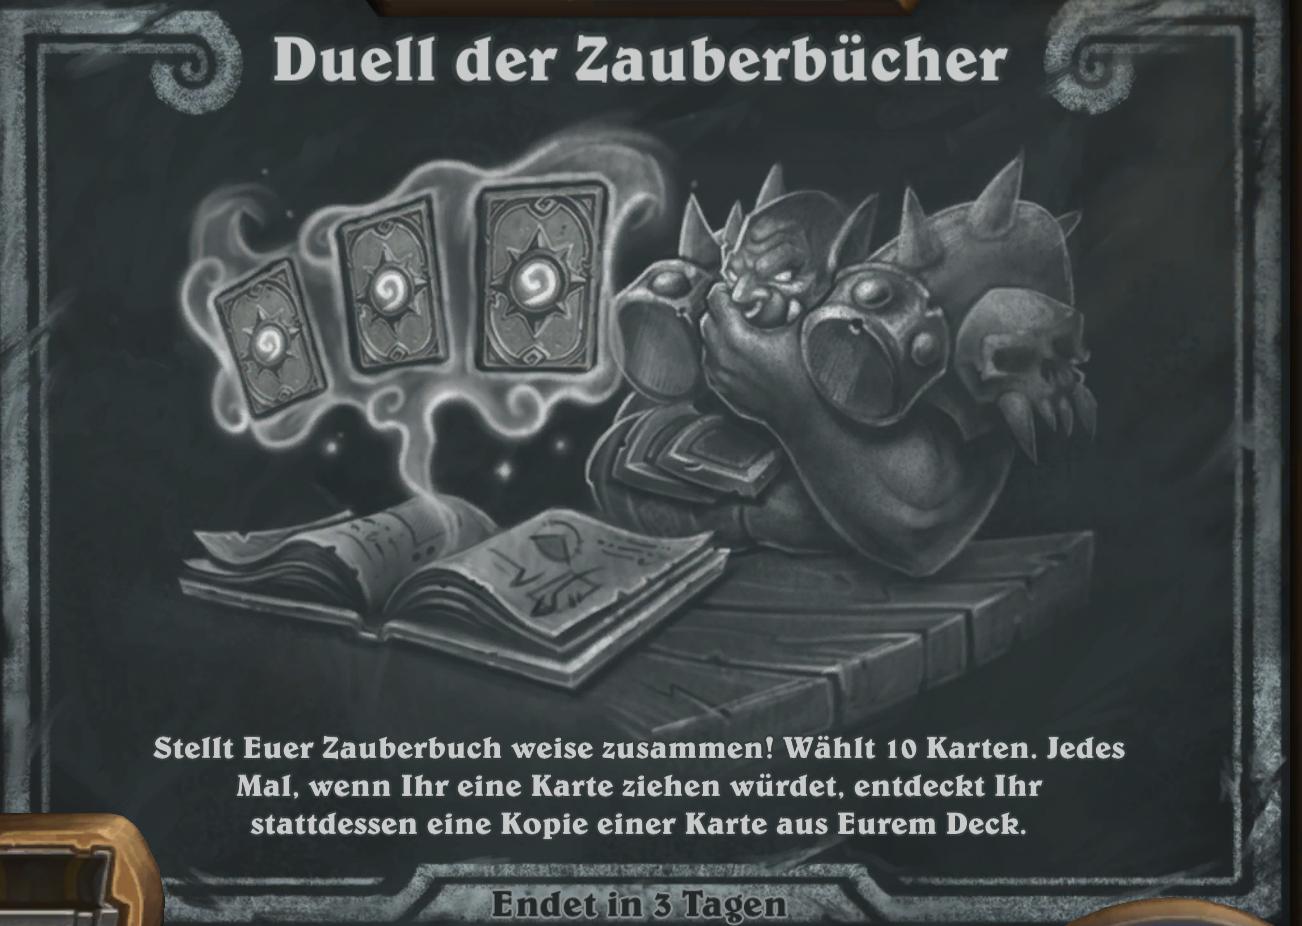 Kartenchaos Hearthstone aktuell: Duell der Zauberbücher – So gewinnt Ihr